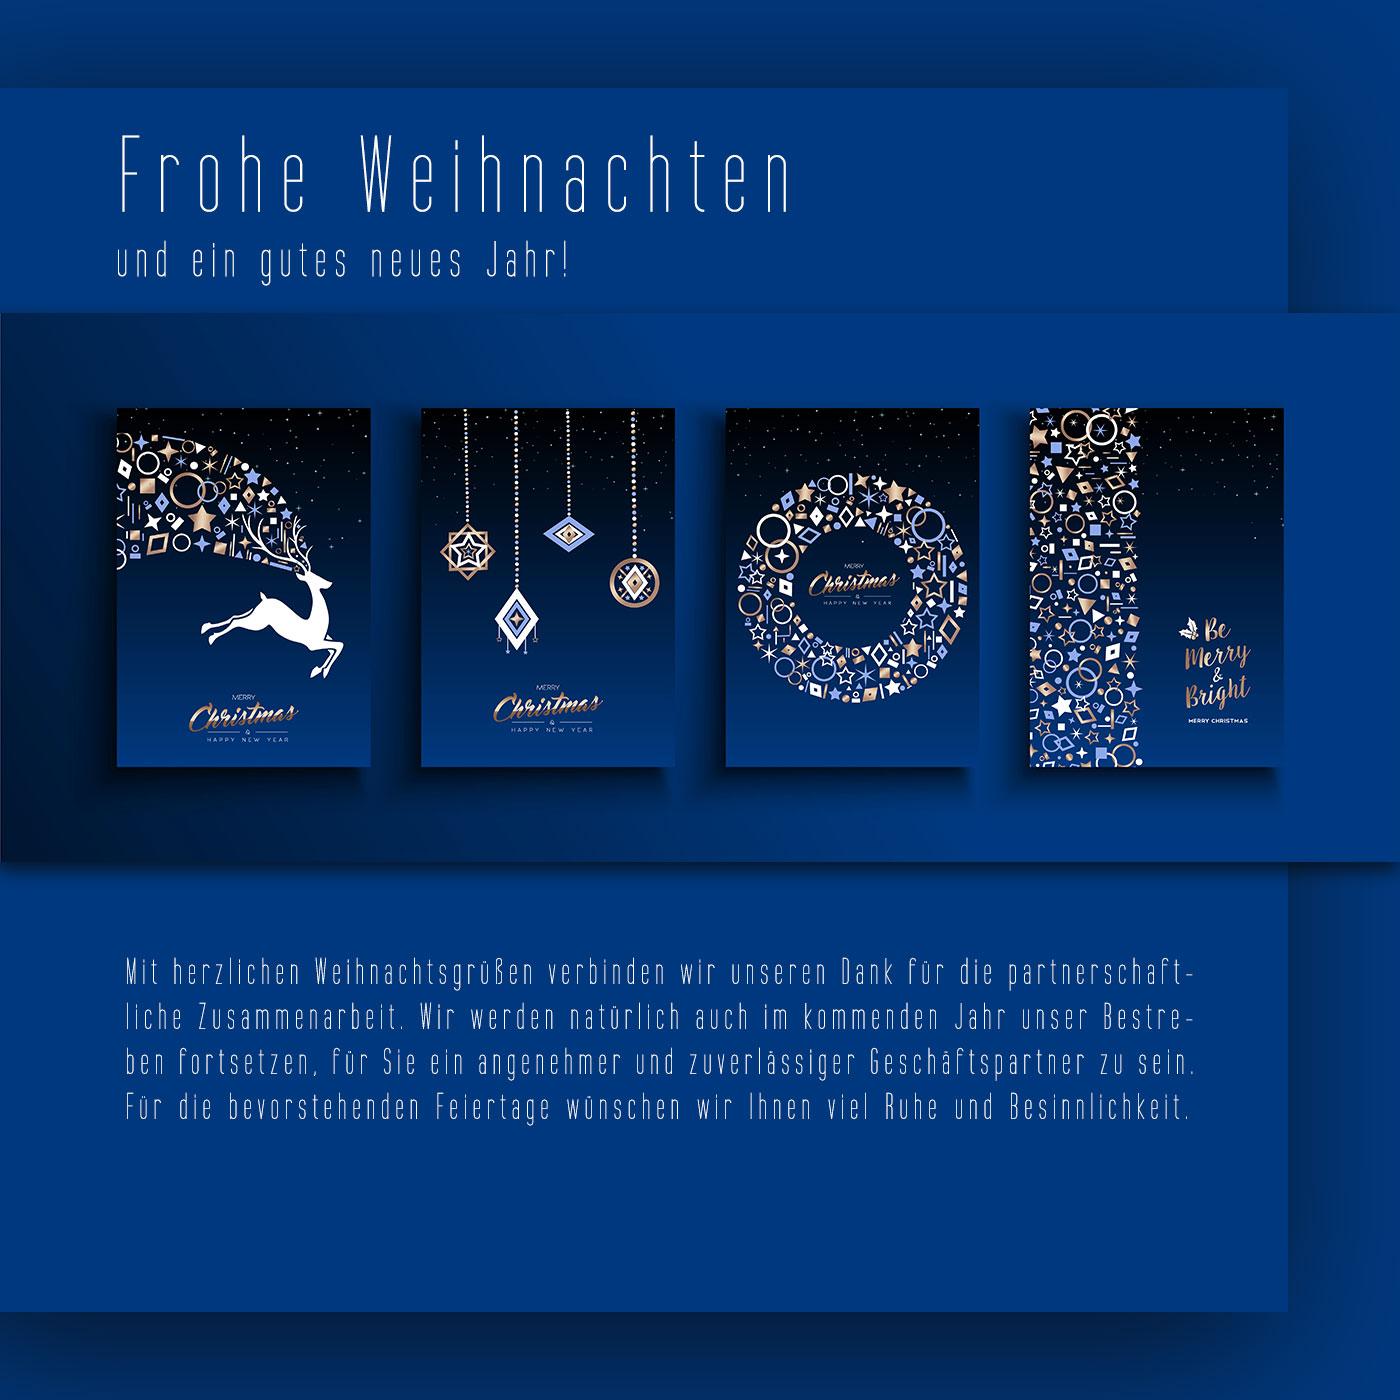 Geschäftliche Weihnachts E-Card – ohne Werbung – umweltfreundlich und ökologisch.